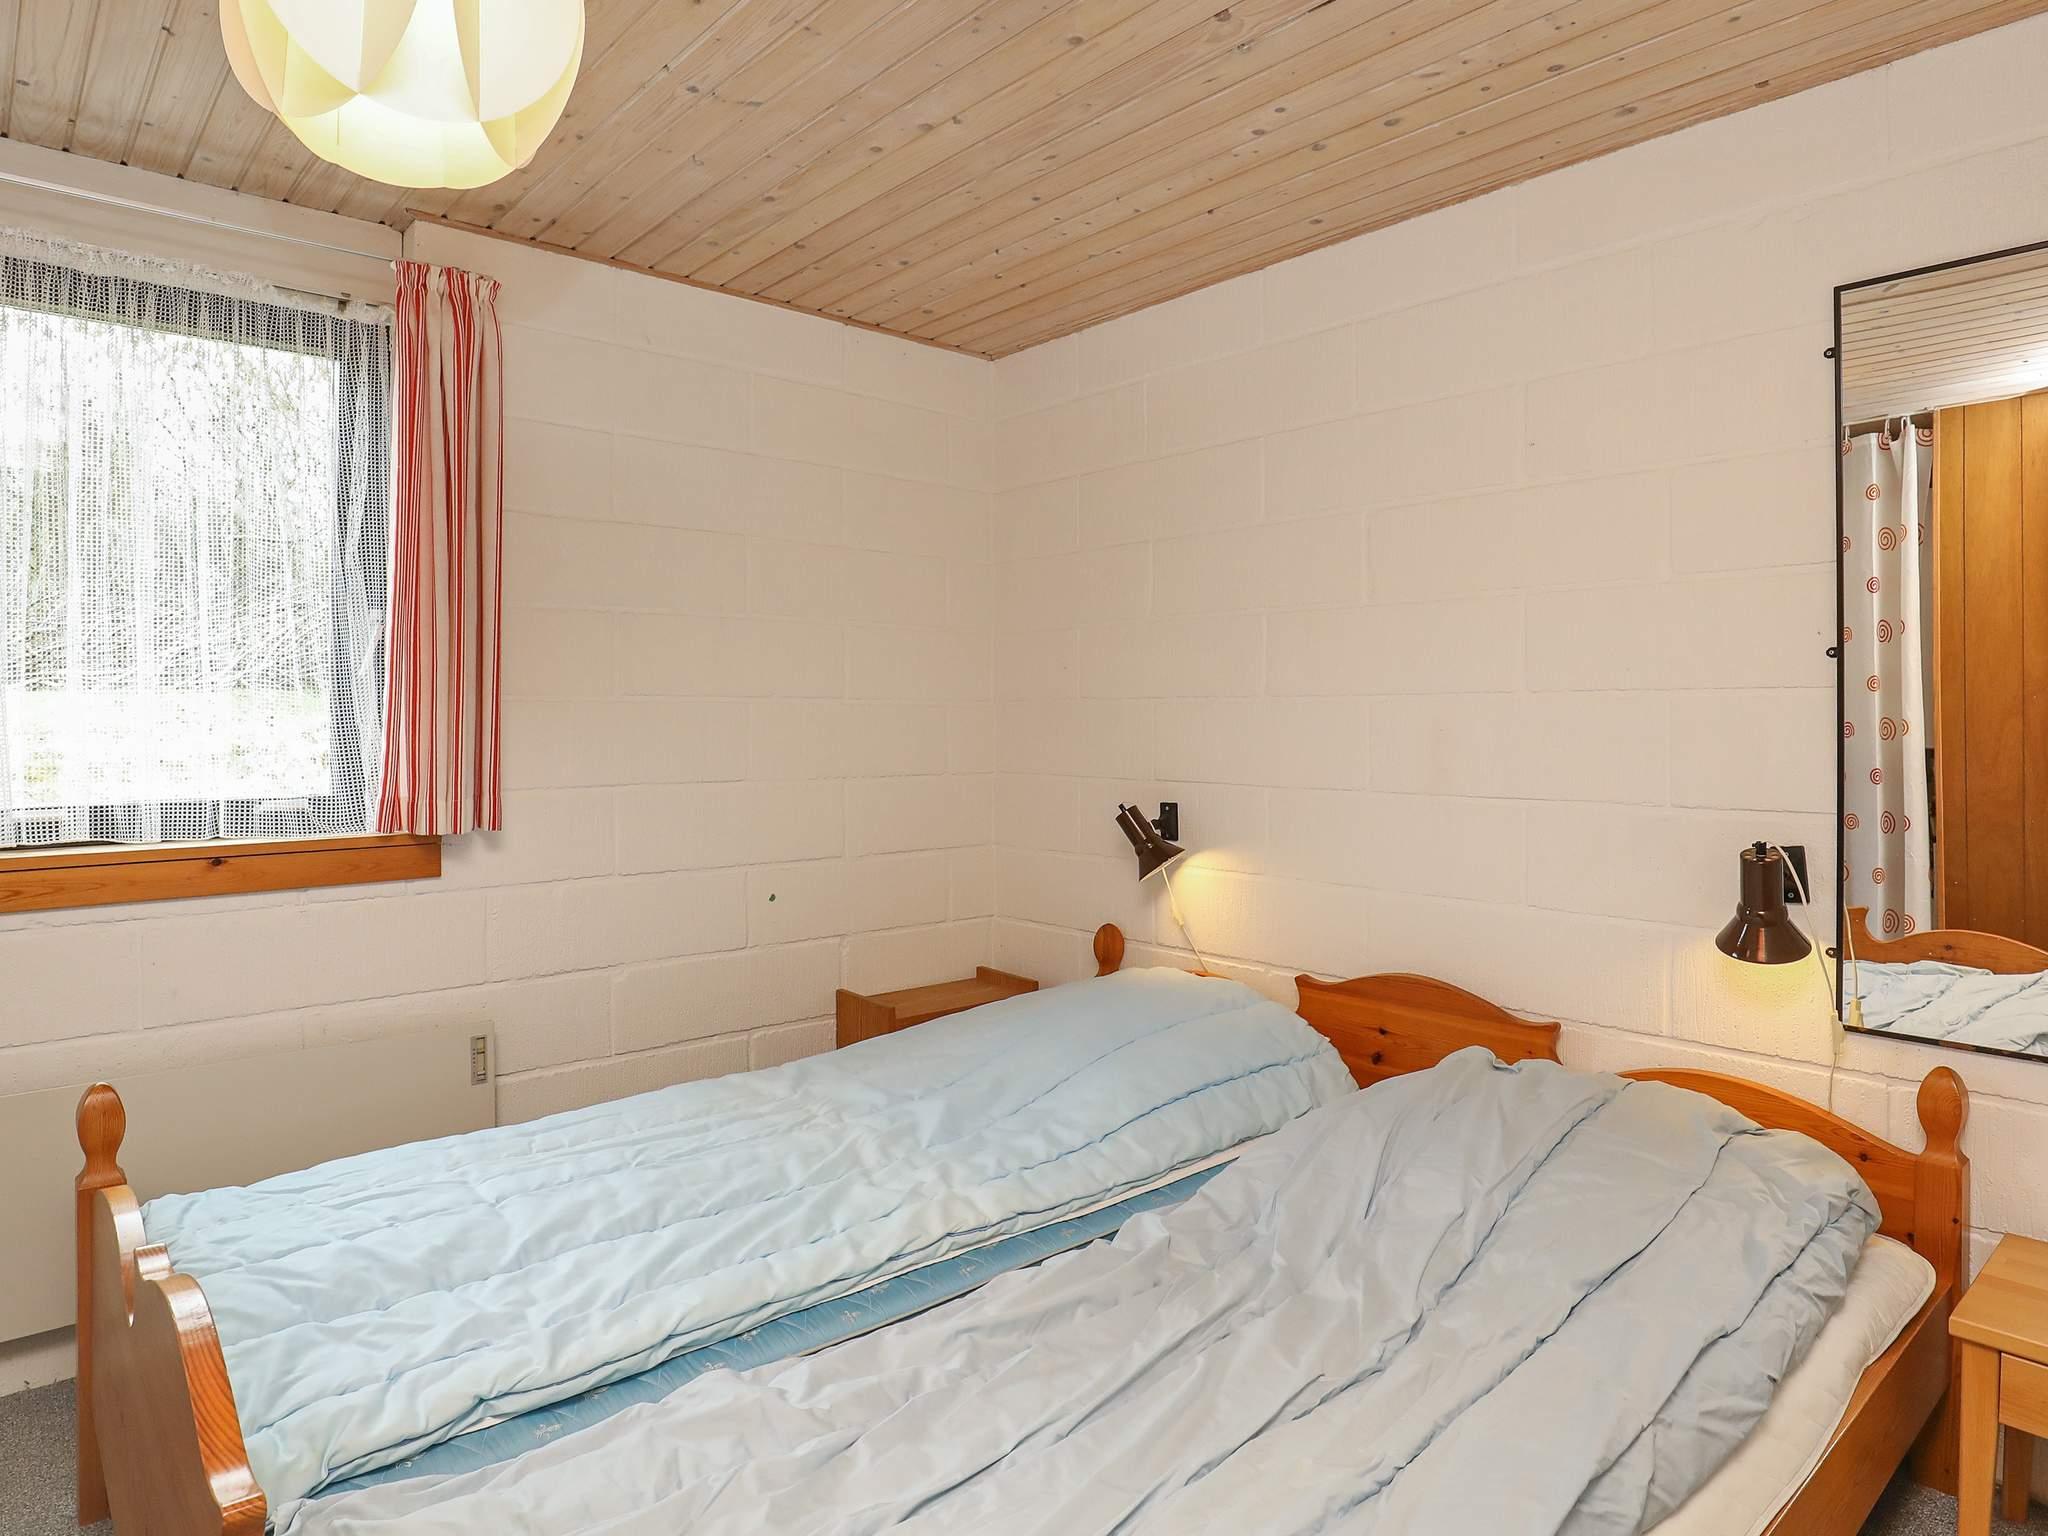 Maison de vacances Hostrup Strand (83036), Spøttrup, , Limfjord, Danemark, image 10